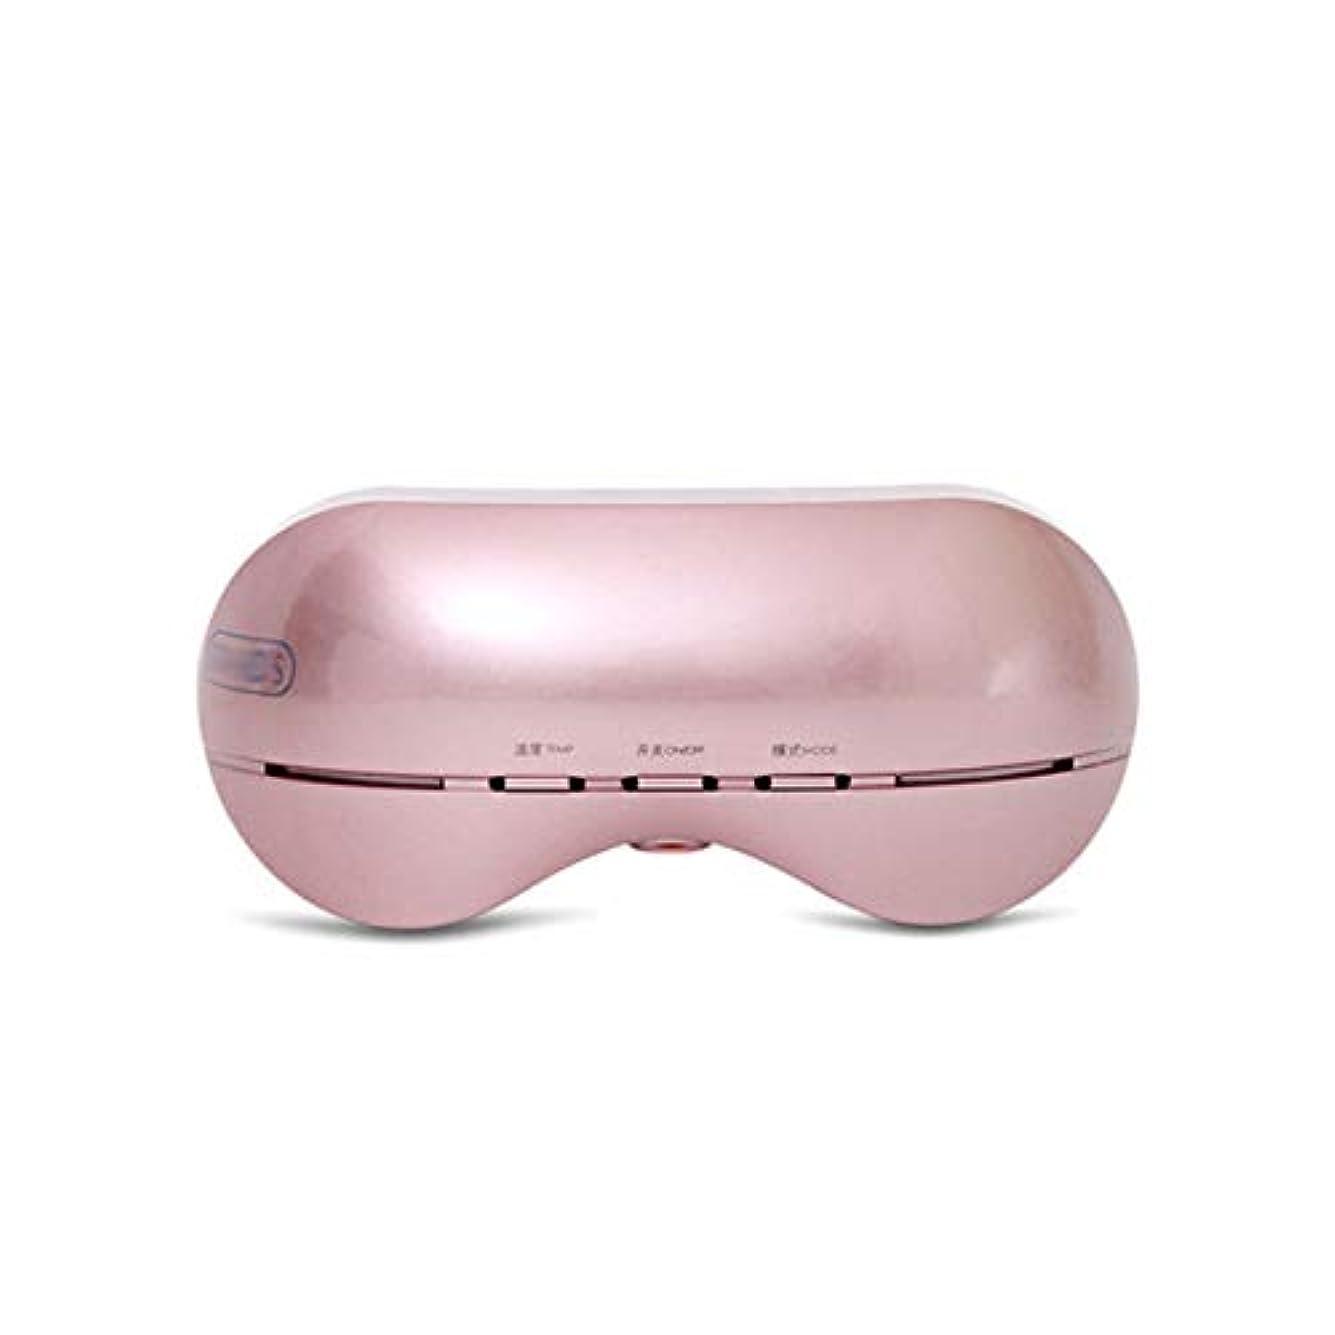 舗装するアリーナ間接的マッサージャー - アイバッグダークサークルアーティファクトホットコンプレックスアイマスクサイトメーターに行く (Color : Rose gold)